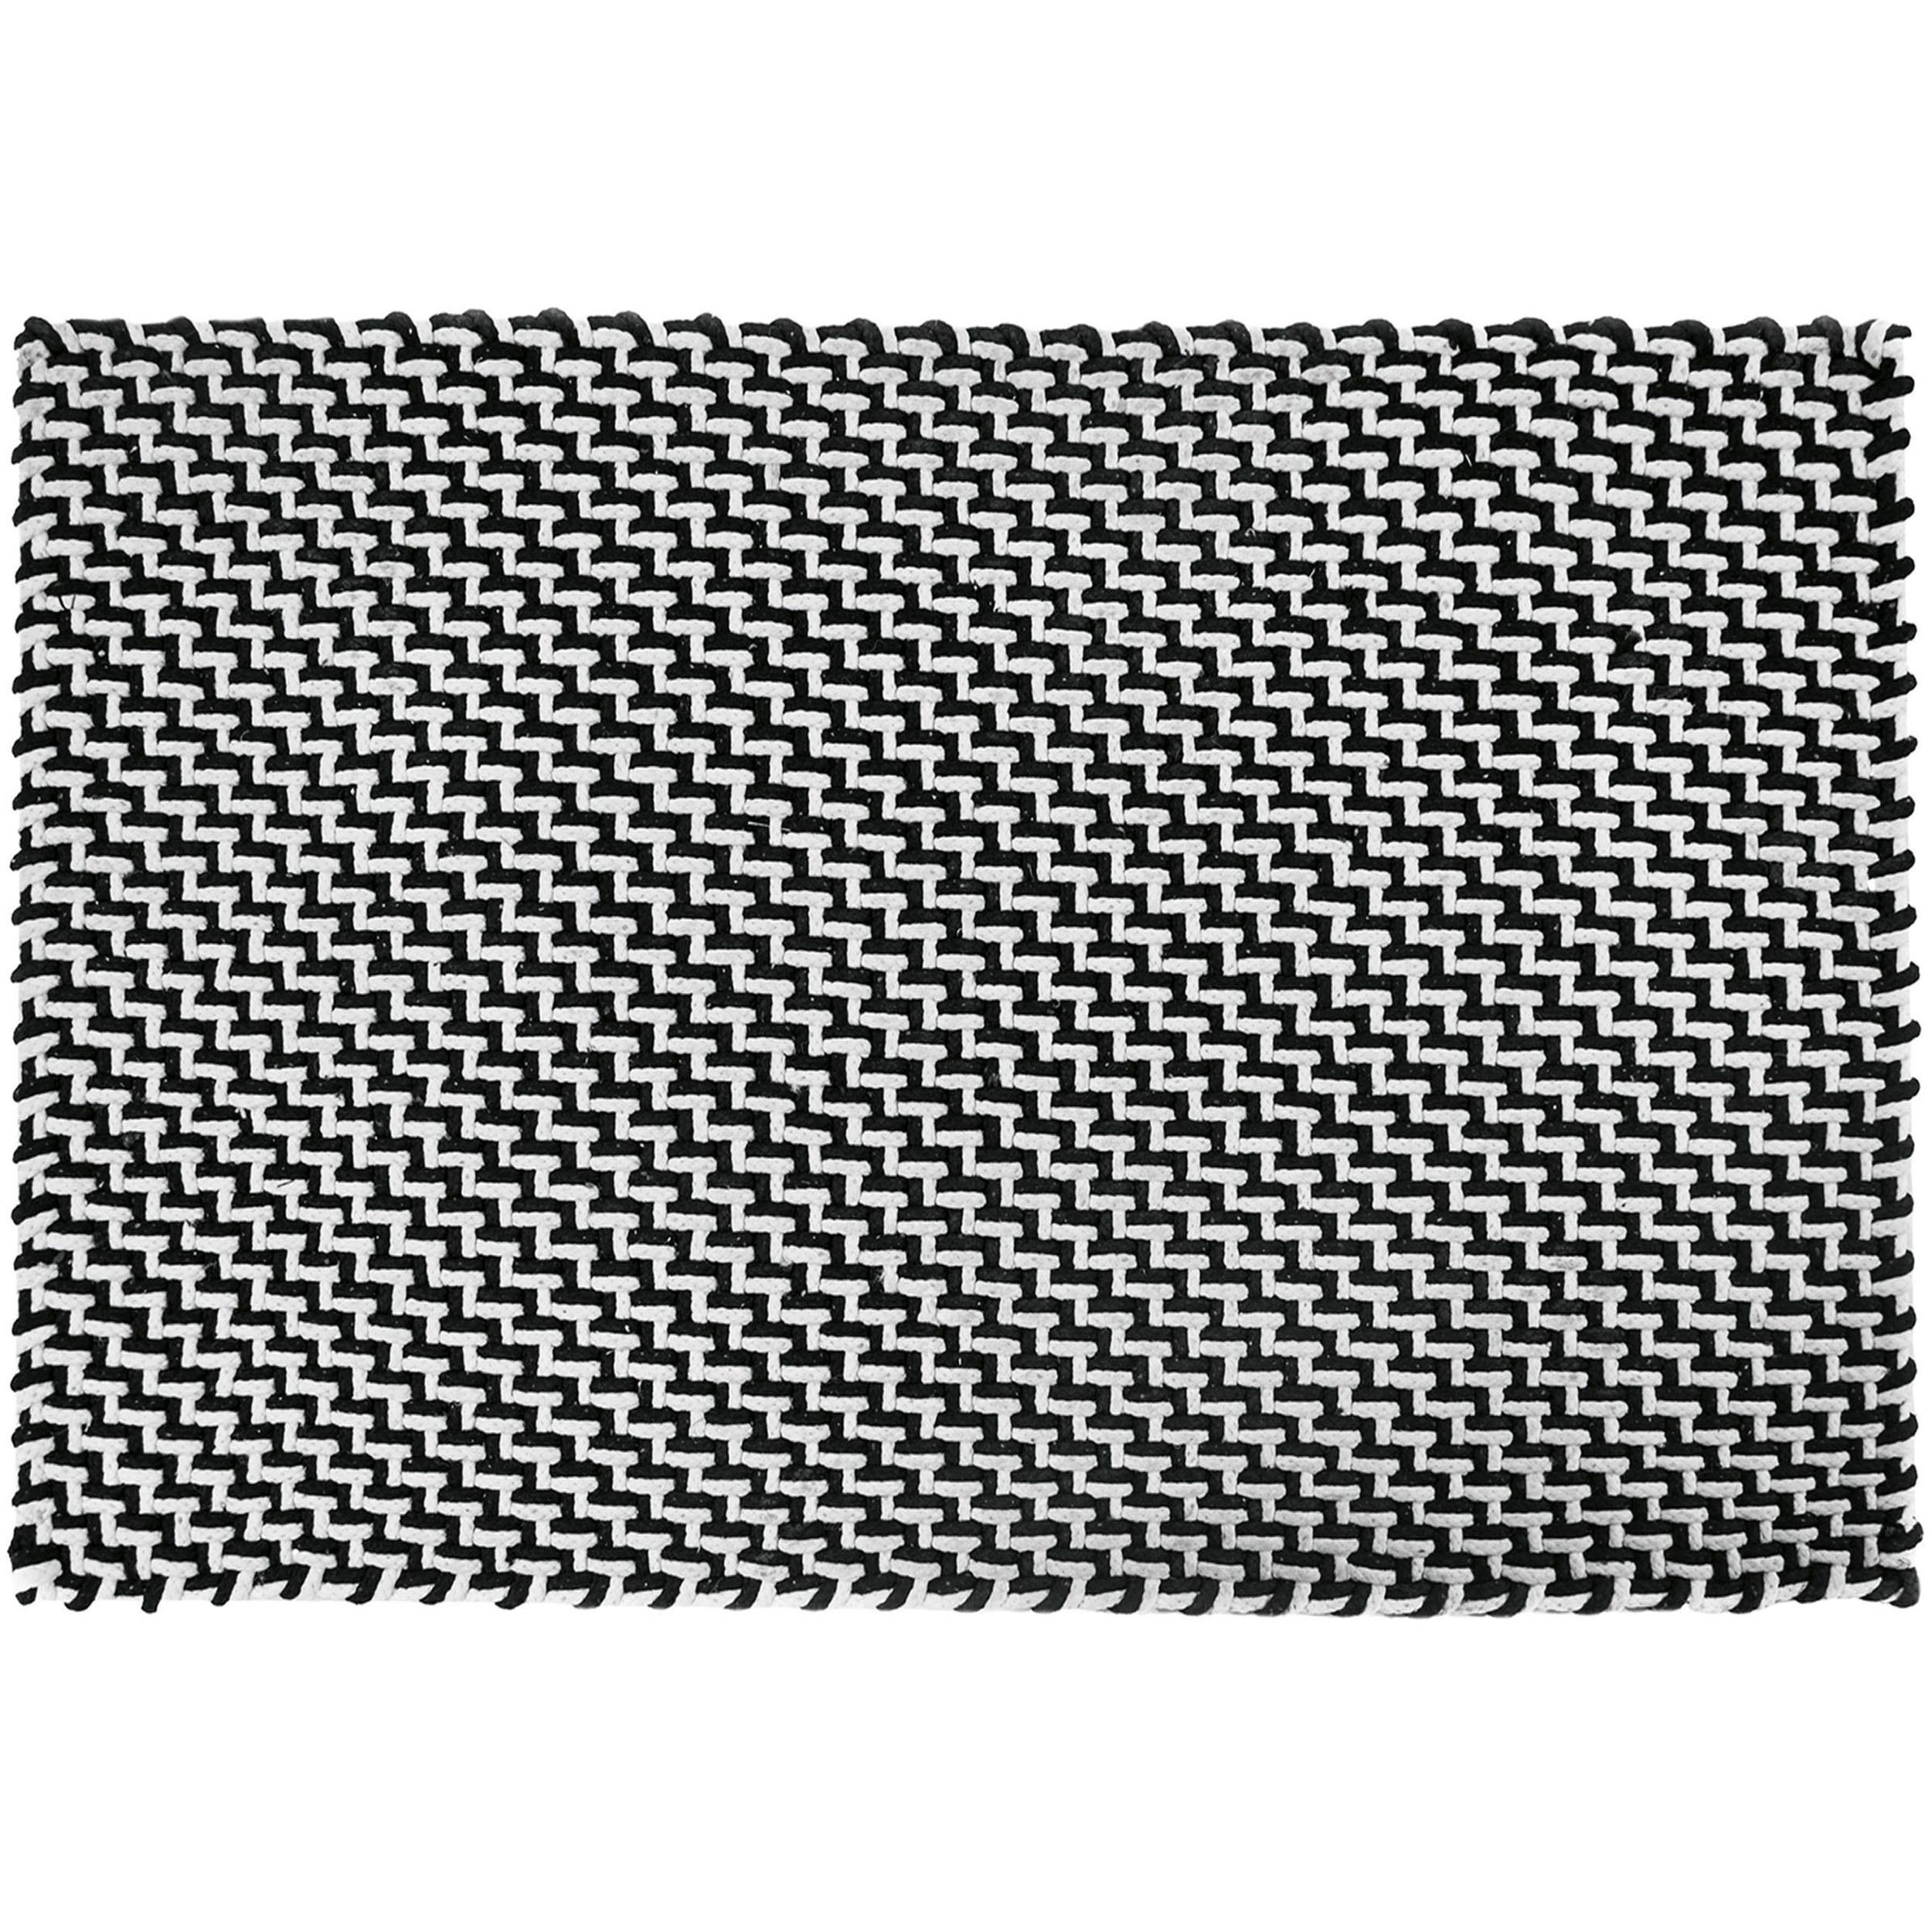 pool fu matte badematte outdoorteppich 300 schwarz wei. Black Bedroom Furniture Sets. Home Design Ideas